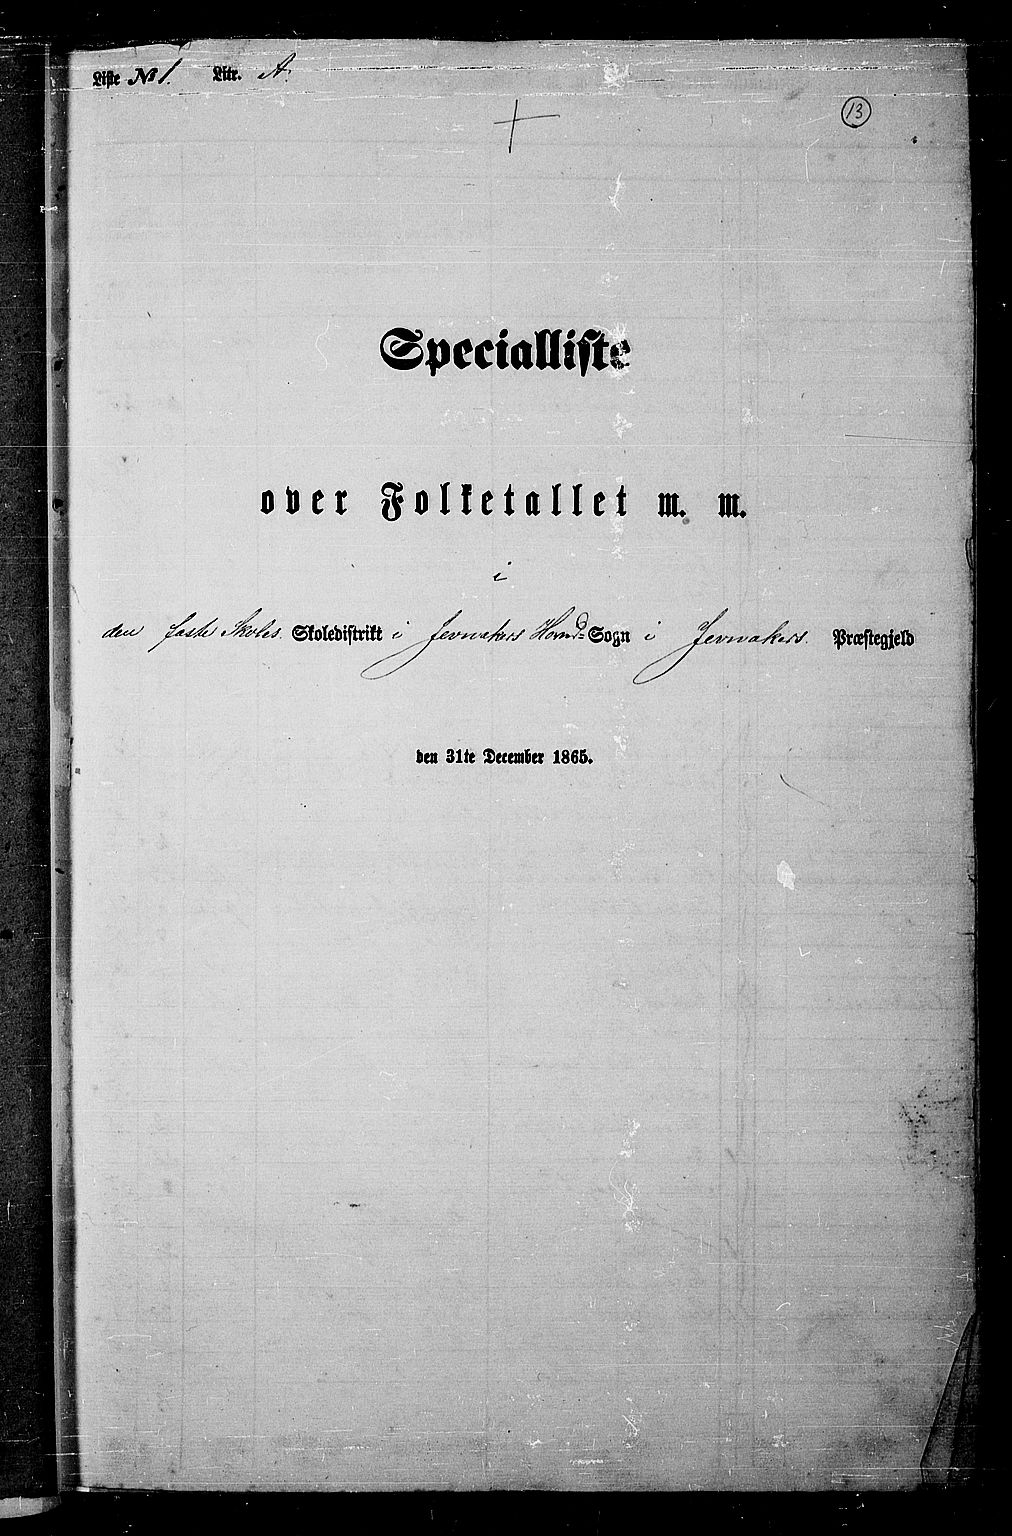 RA, Folketelling 1865 for 0532P Jevnaker prestegjeld, 1865, s. 11